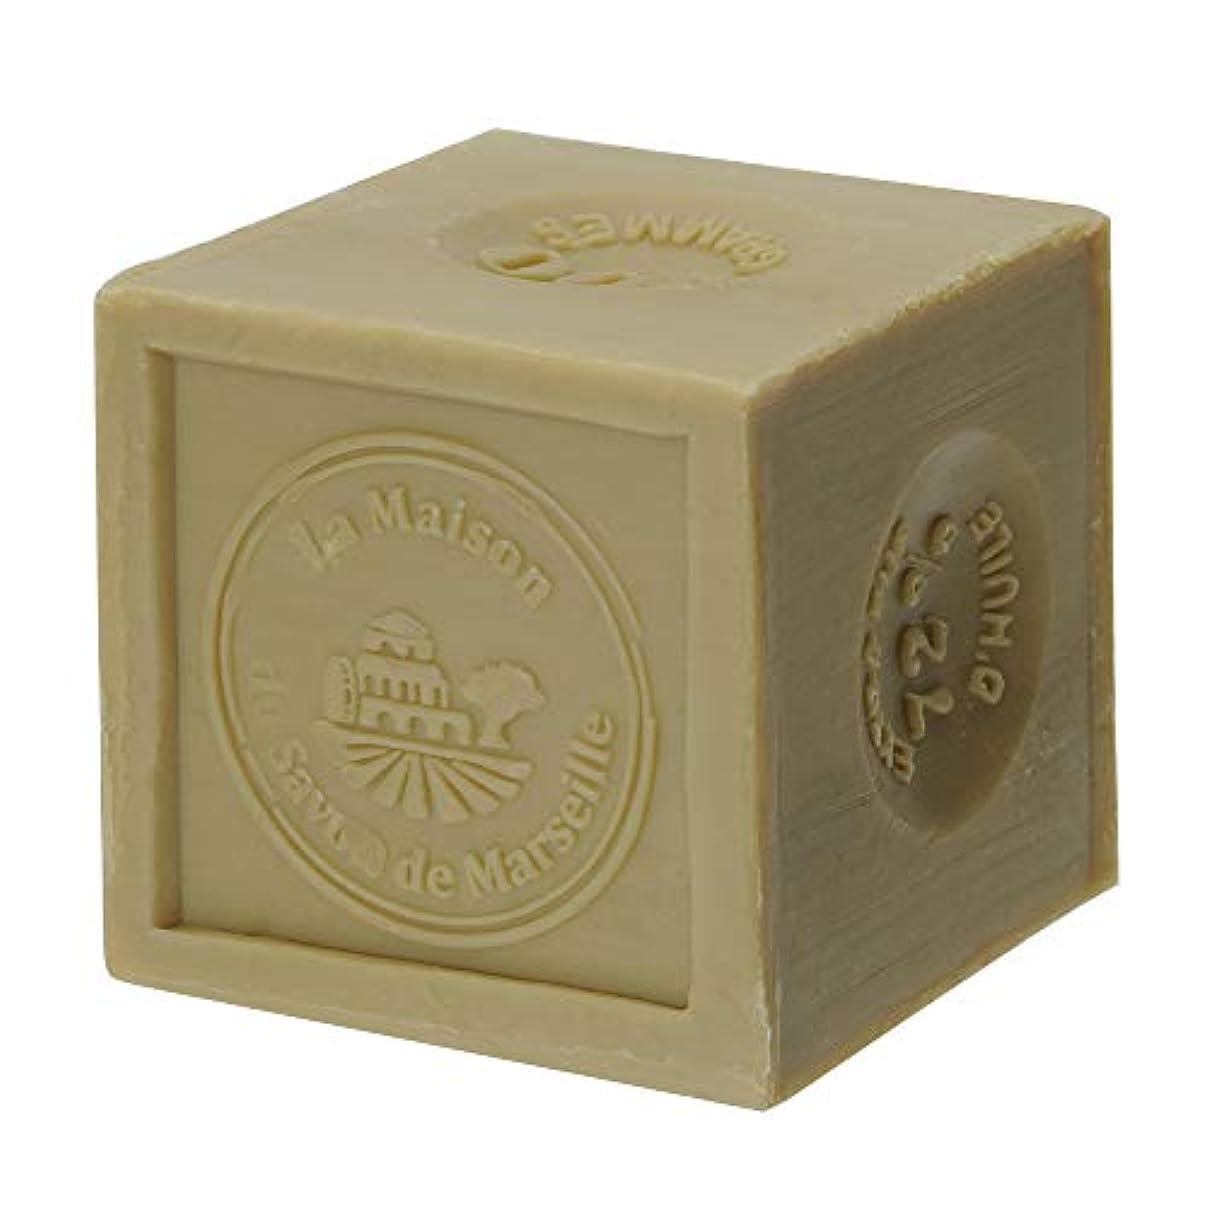 哀戦士胸ノルコーポレーション マルセイユ石鹸 オリーブ UPSM認証マーク付き 300g MLL-3-1